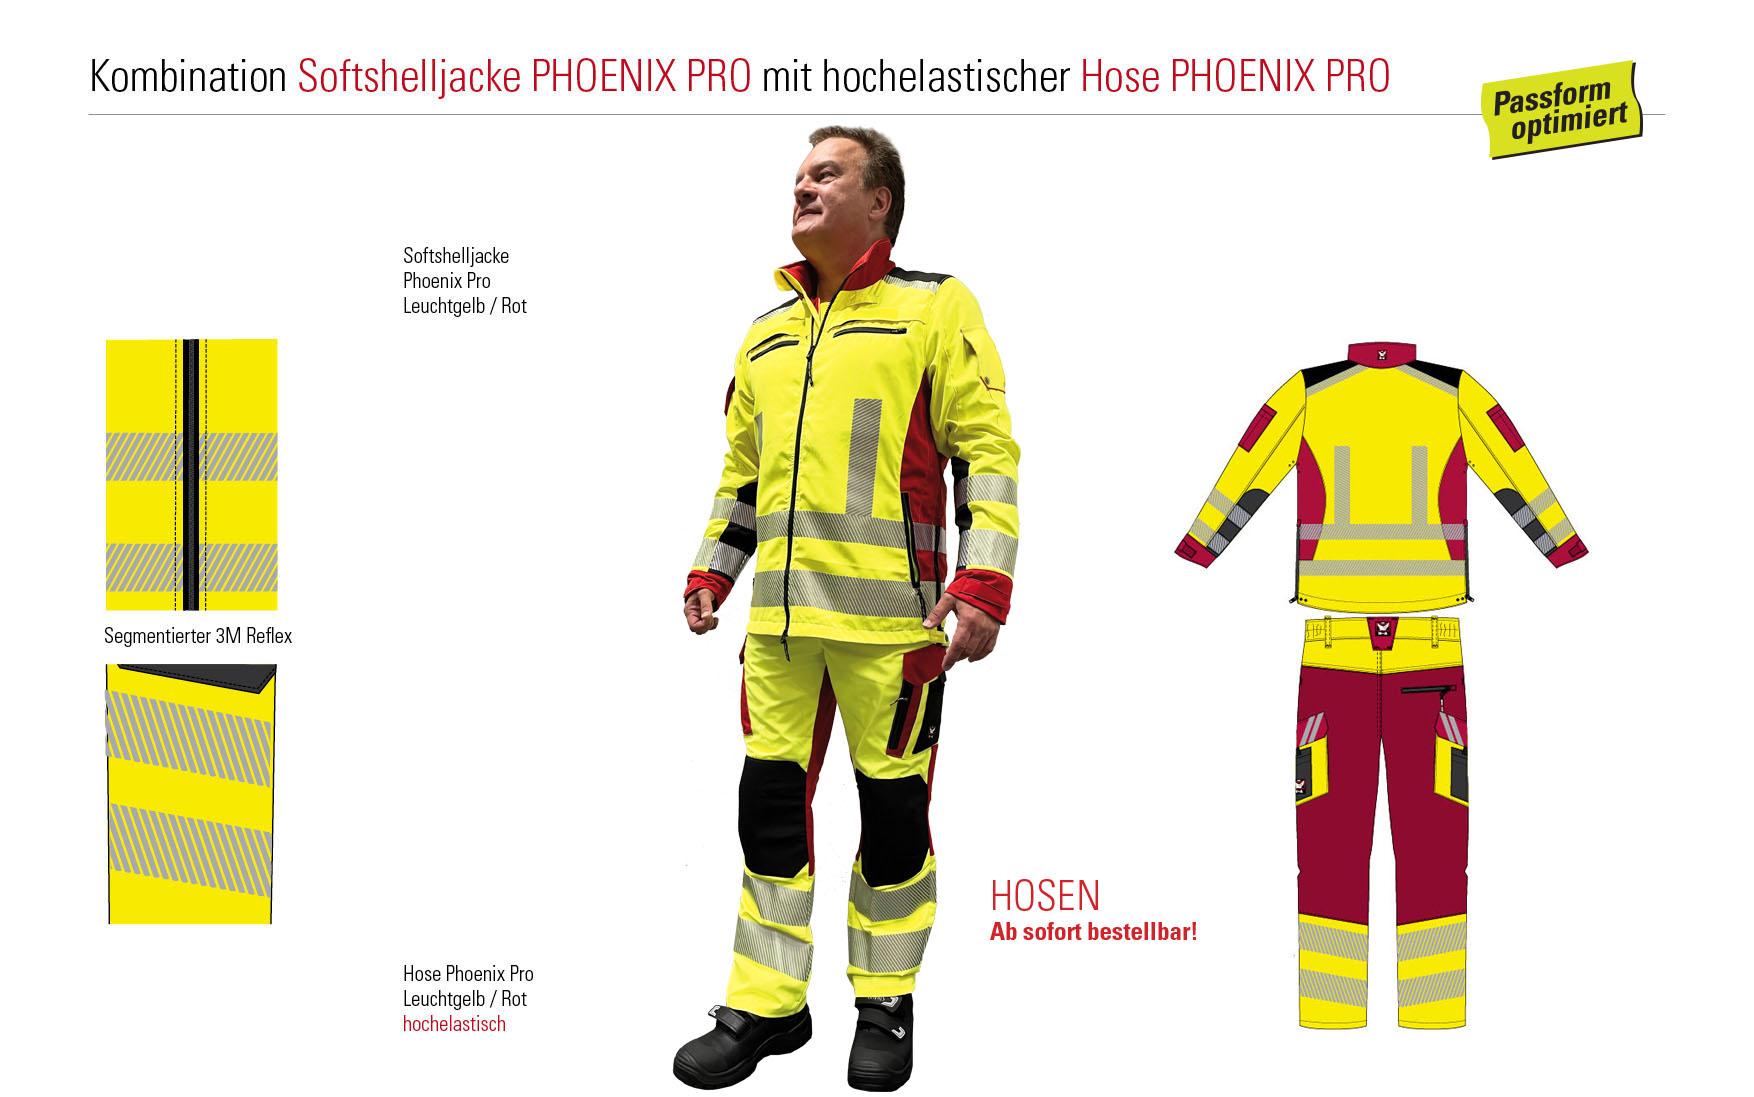 1Kombi-Phoenix-Pro-20211-2